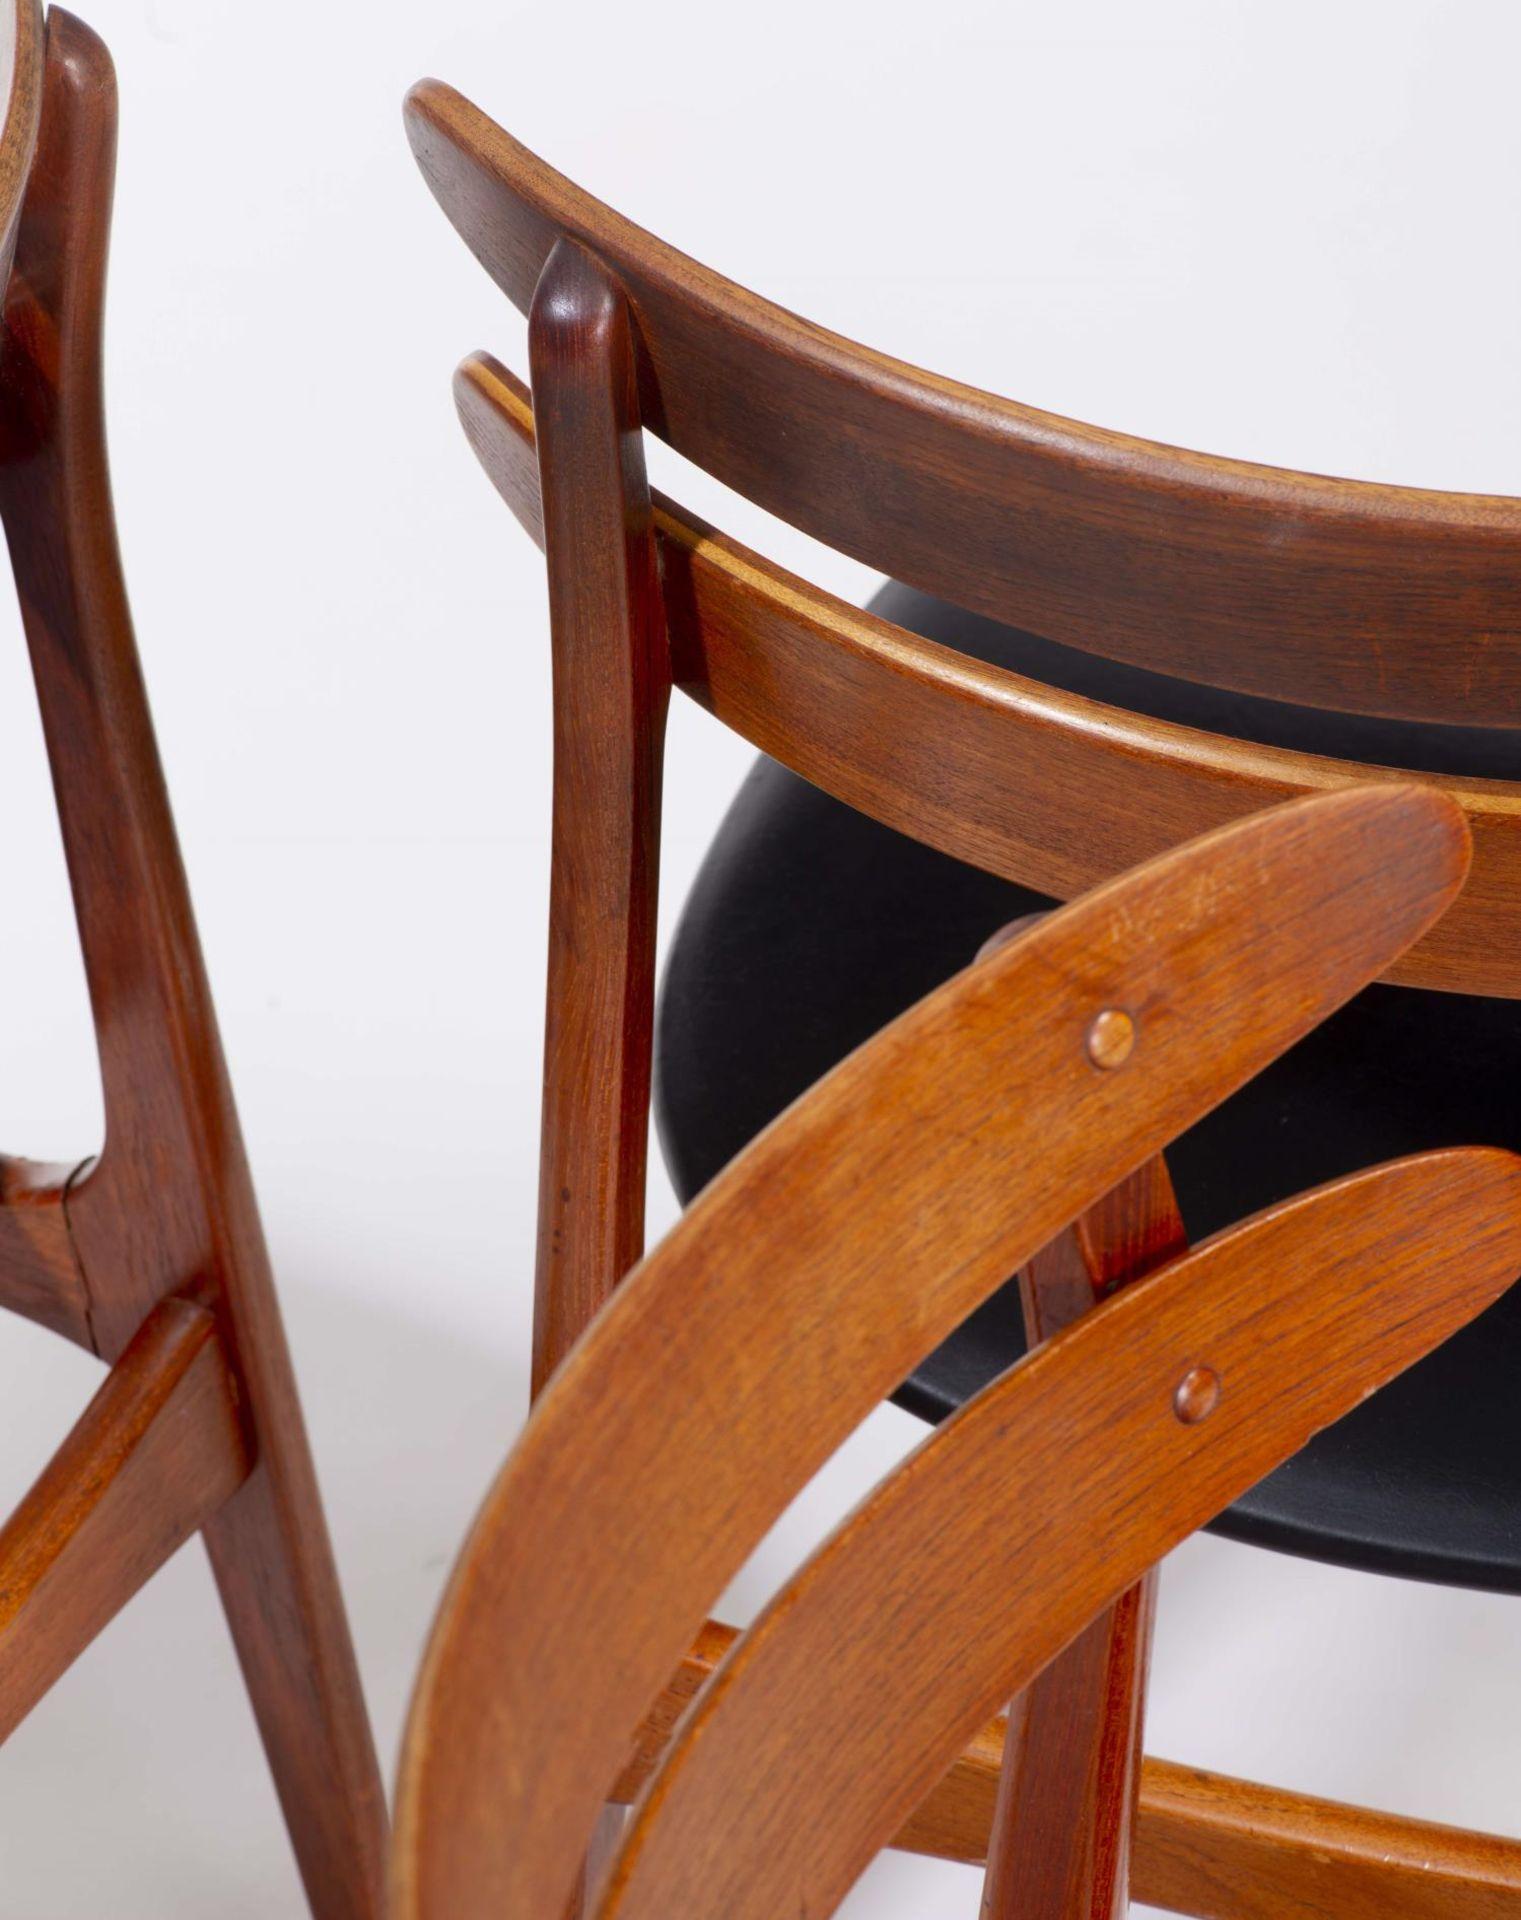 Quatre chaises en teck et deux fauteuils en chêne de style scandinave - Bild 8 aus 9